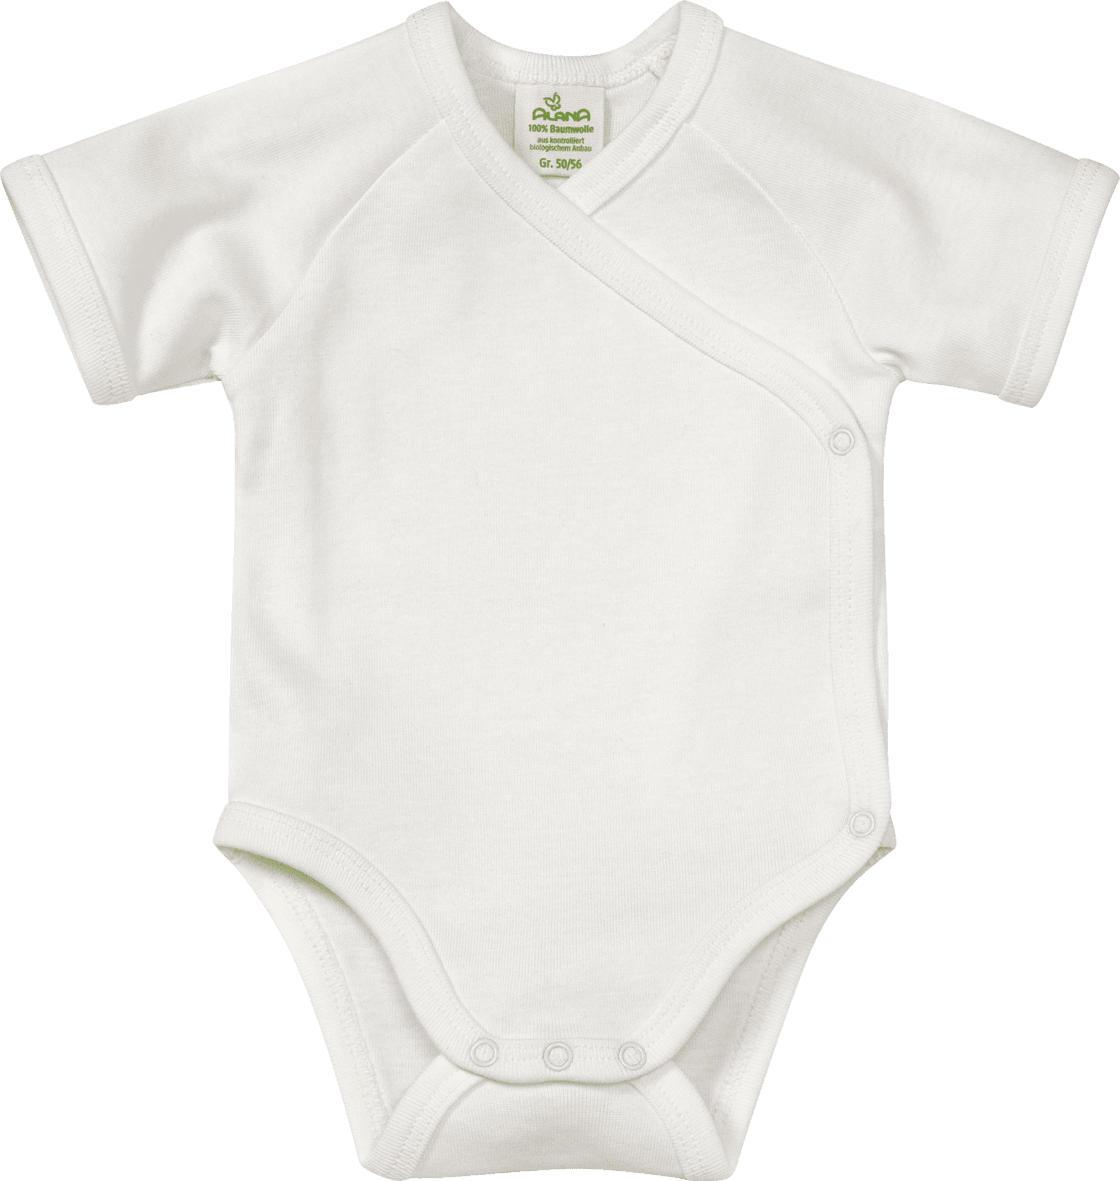 96673950ae6df ALANA Baby-Wickelbody, Gr. 50/56, in Bio-Baumwolle, natur, für ...